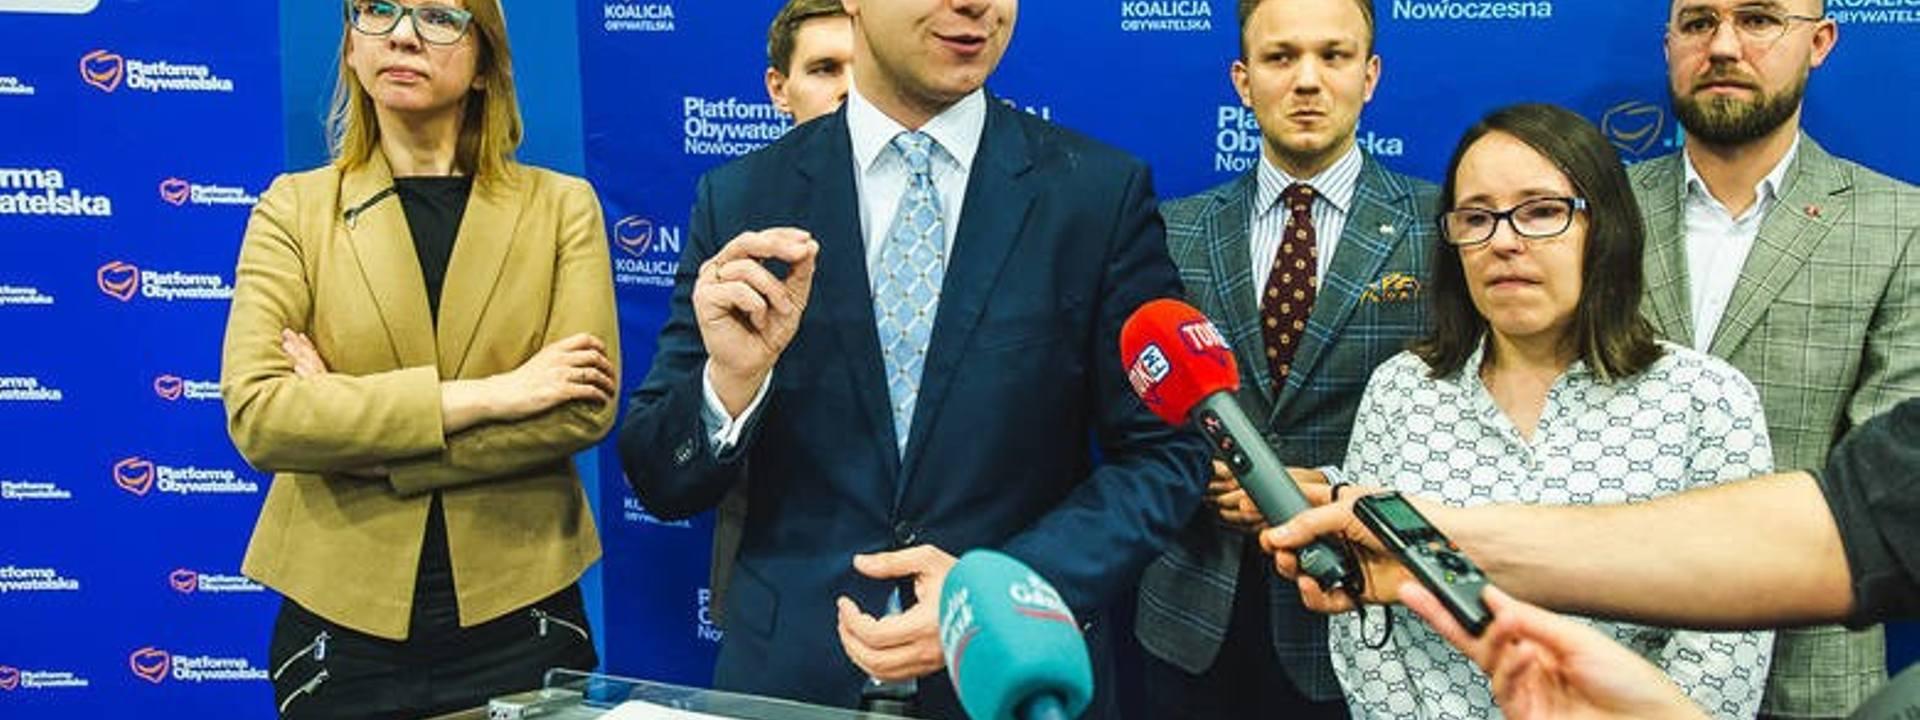 Koalicja Obywatelska w Radzie Miasta Gdańska chce, by zaszczepione dzieci były premiowane w rekrutacji do publicznych żłobków. Radni złożyli w tej sprawie